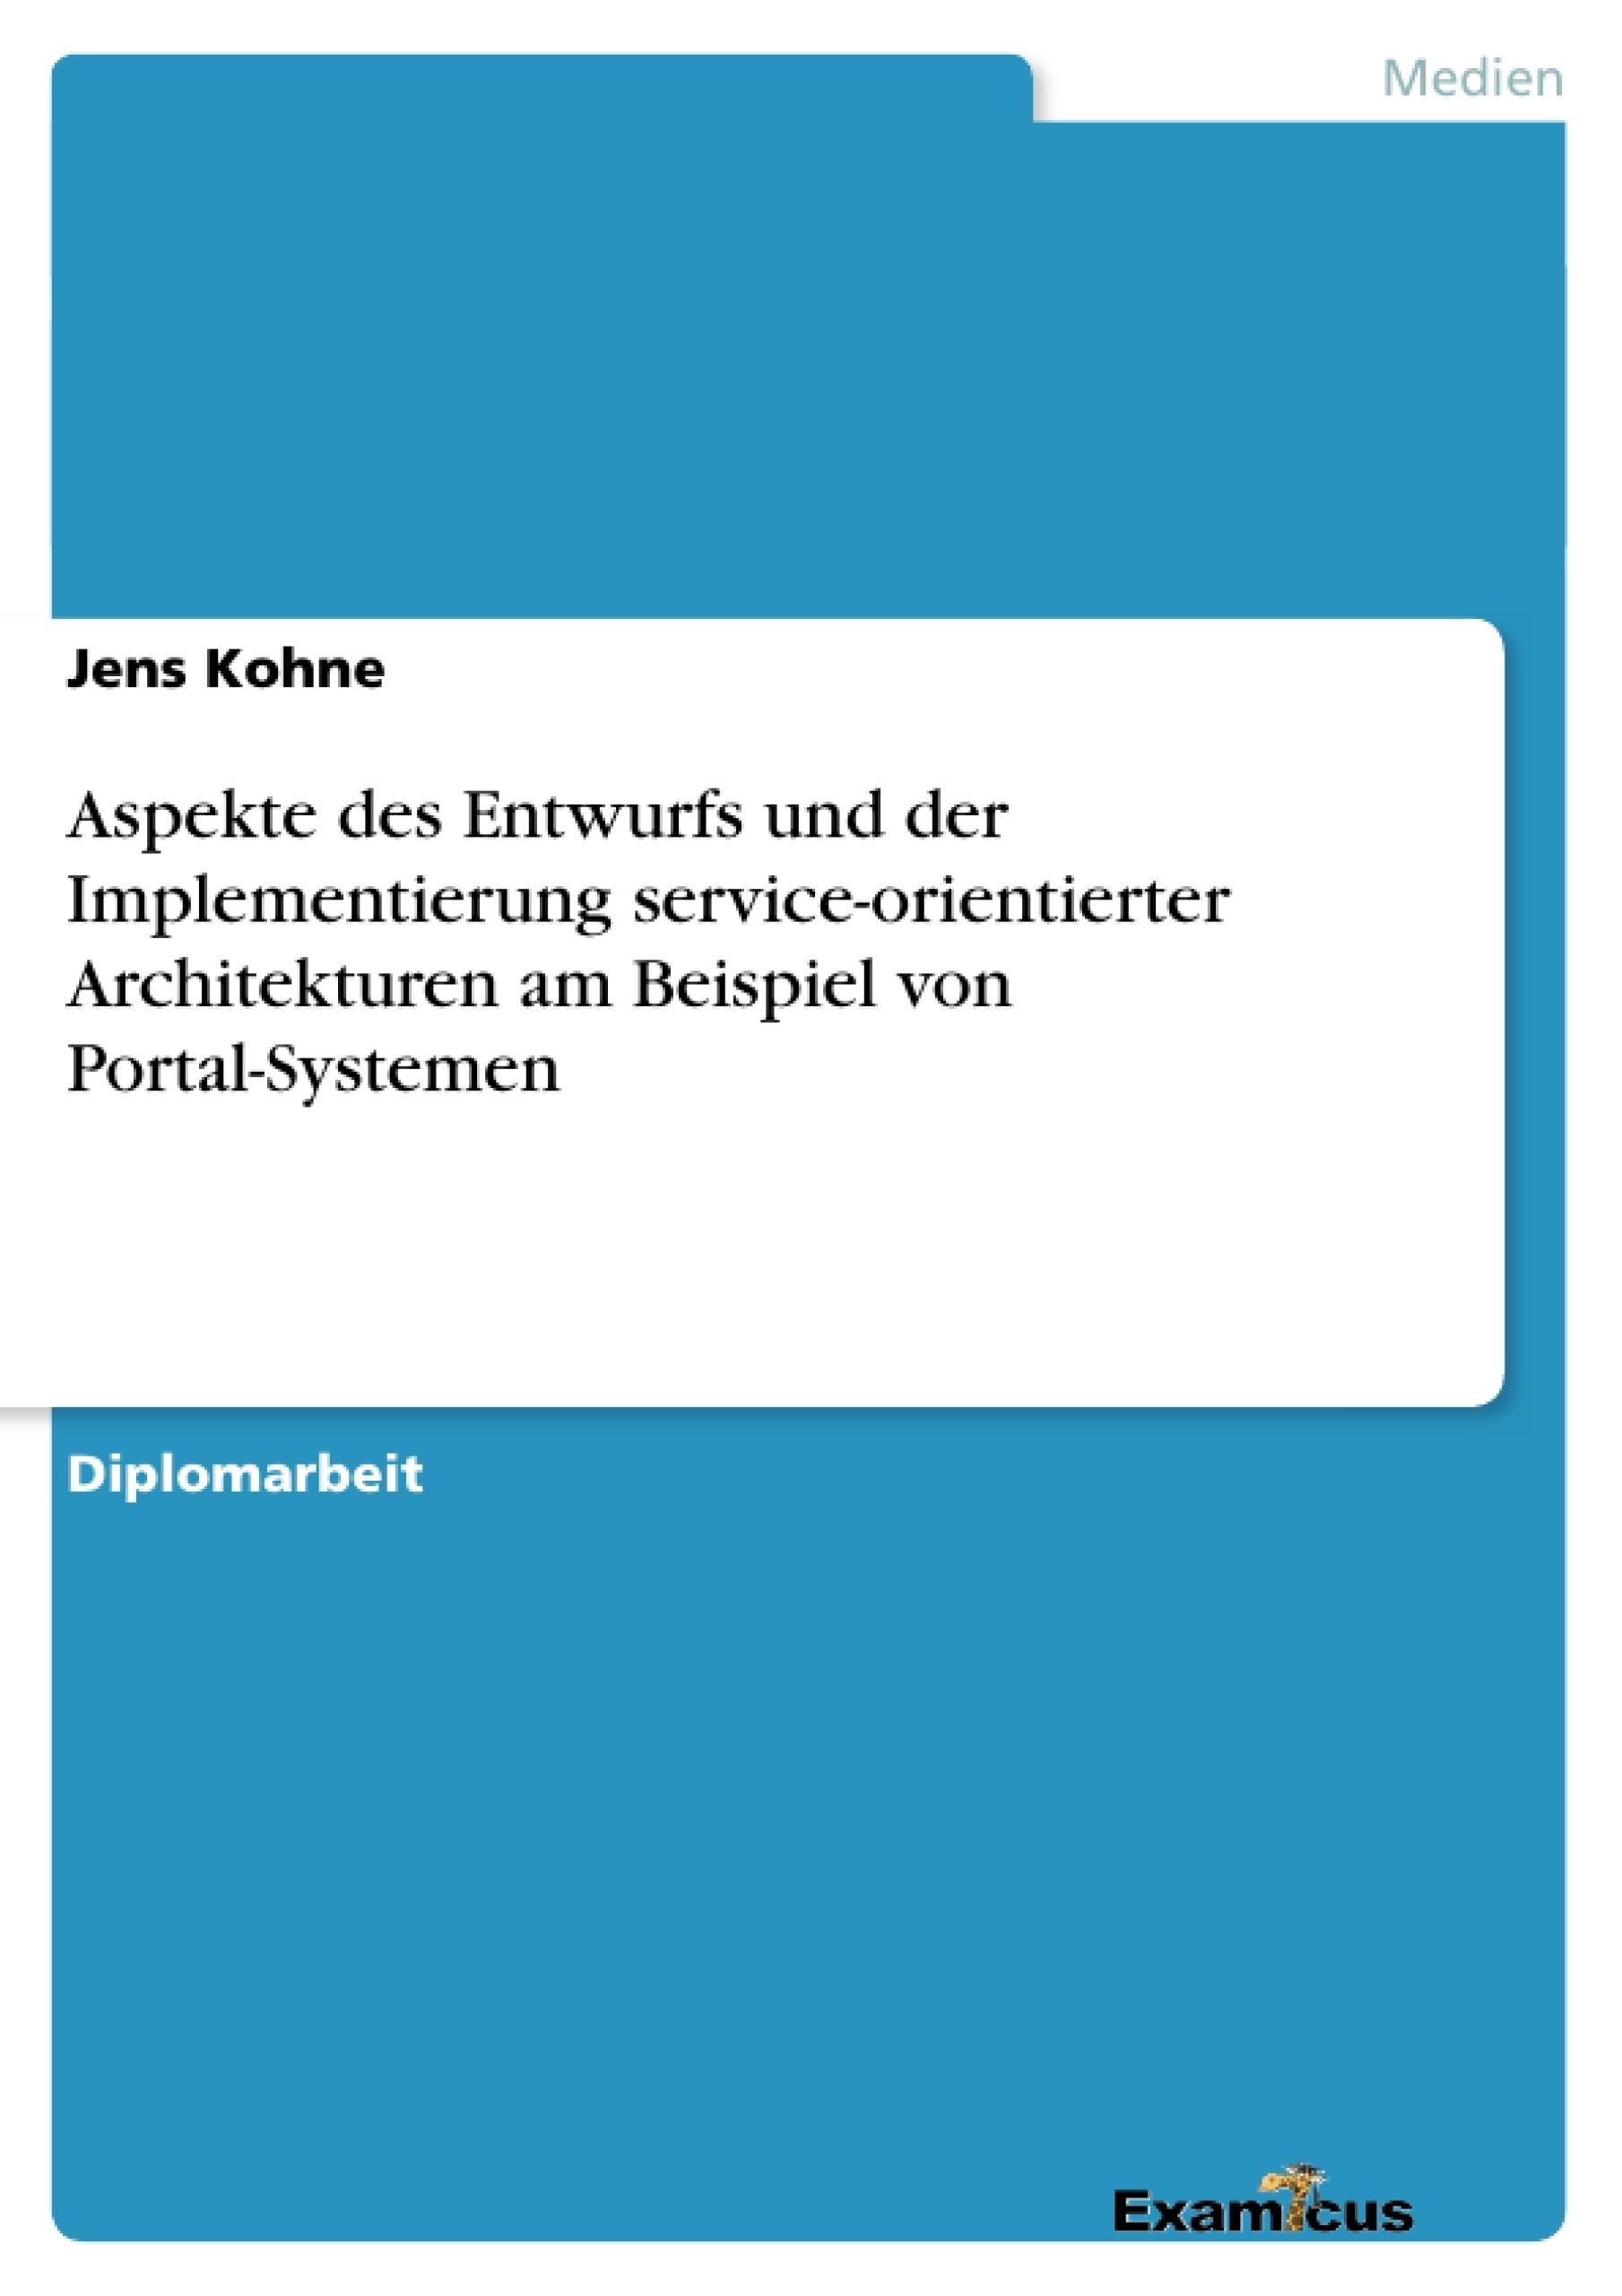 Titel: Aspekte des Entwurfs und der Implementierung service-orientierter Architekturen am Beispiel von Portal-Systemen